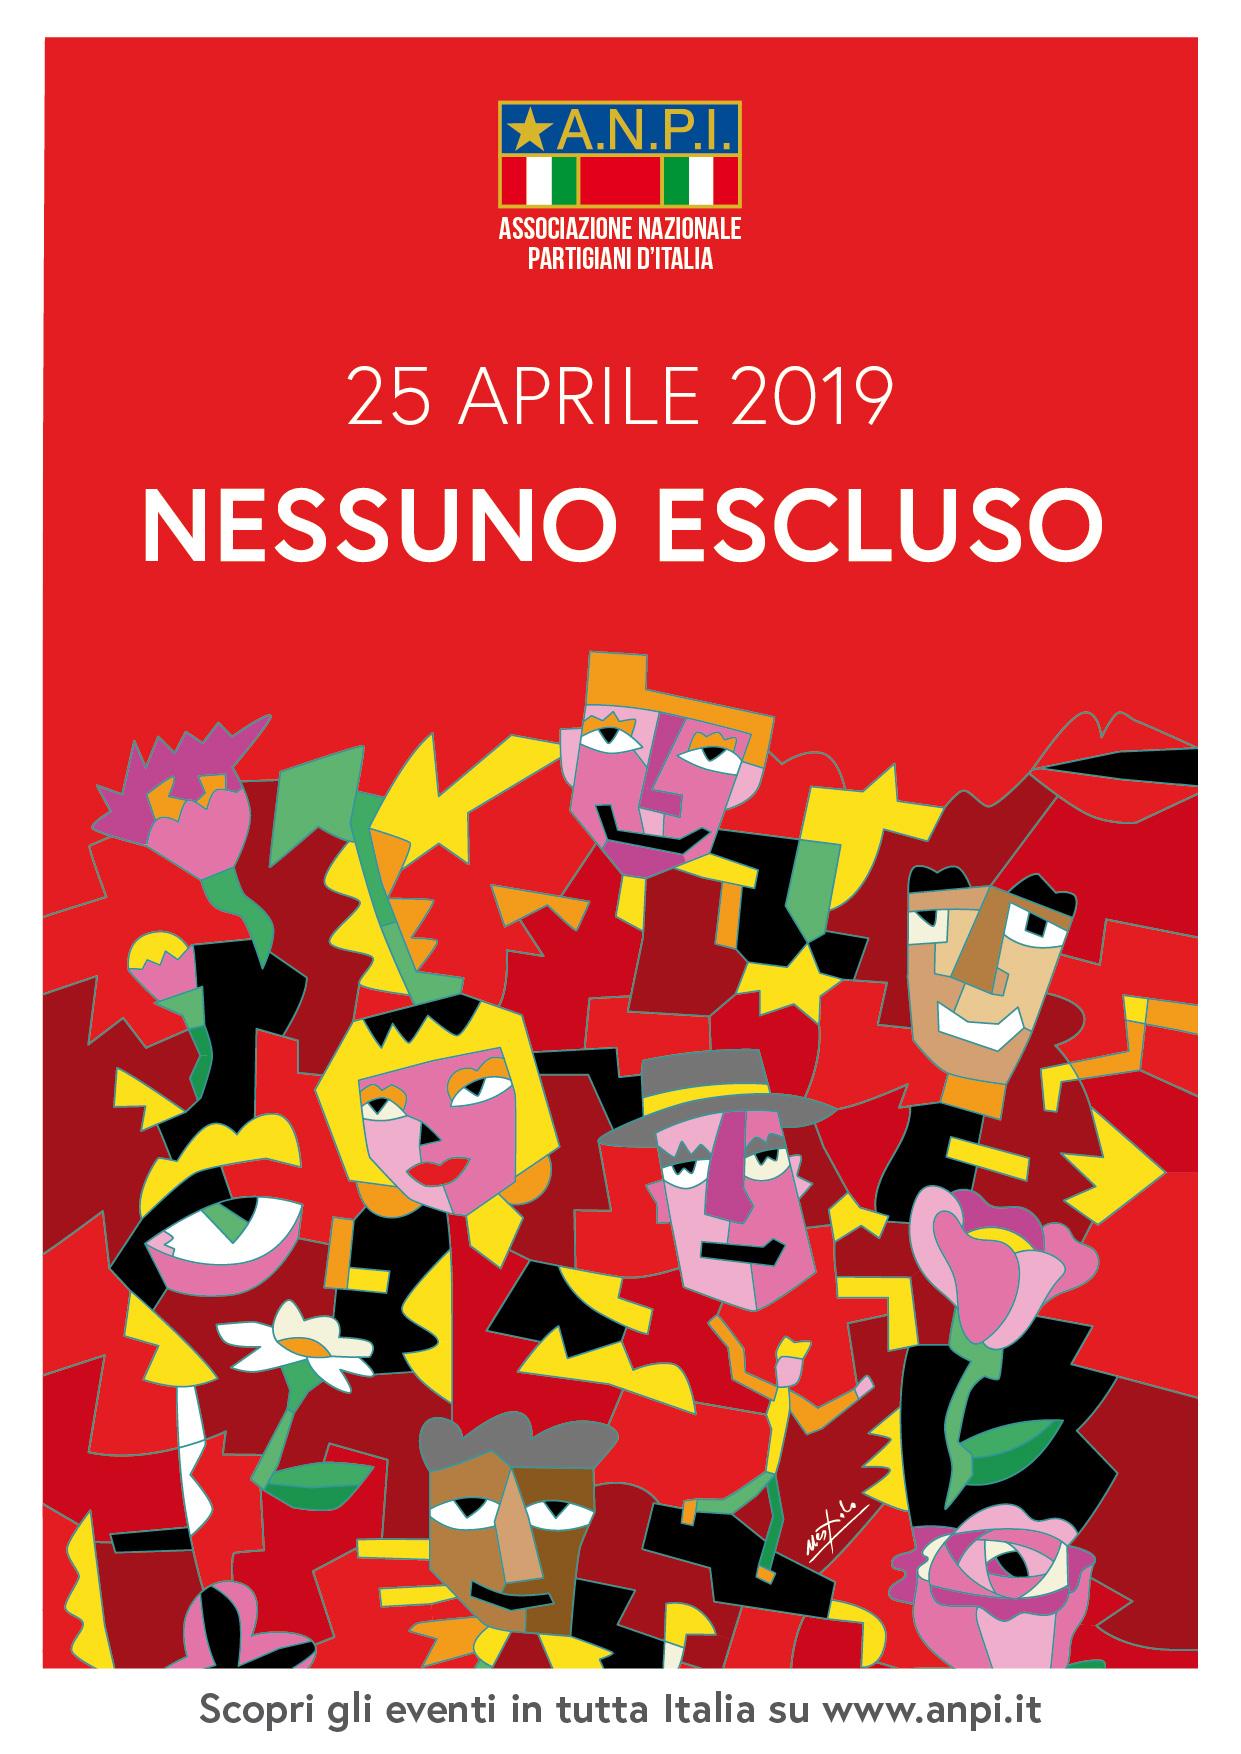 MANIFESTO ANPI 25 APRILE 2019